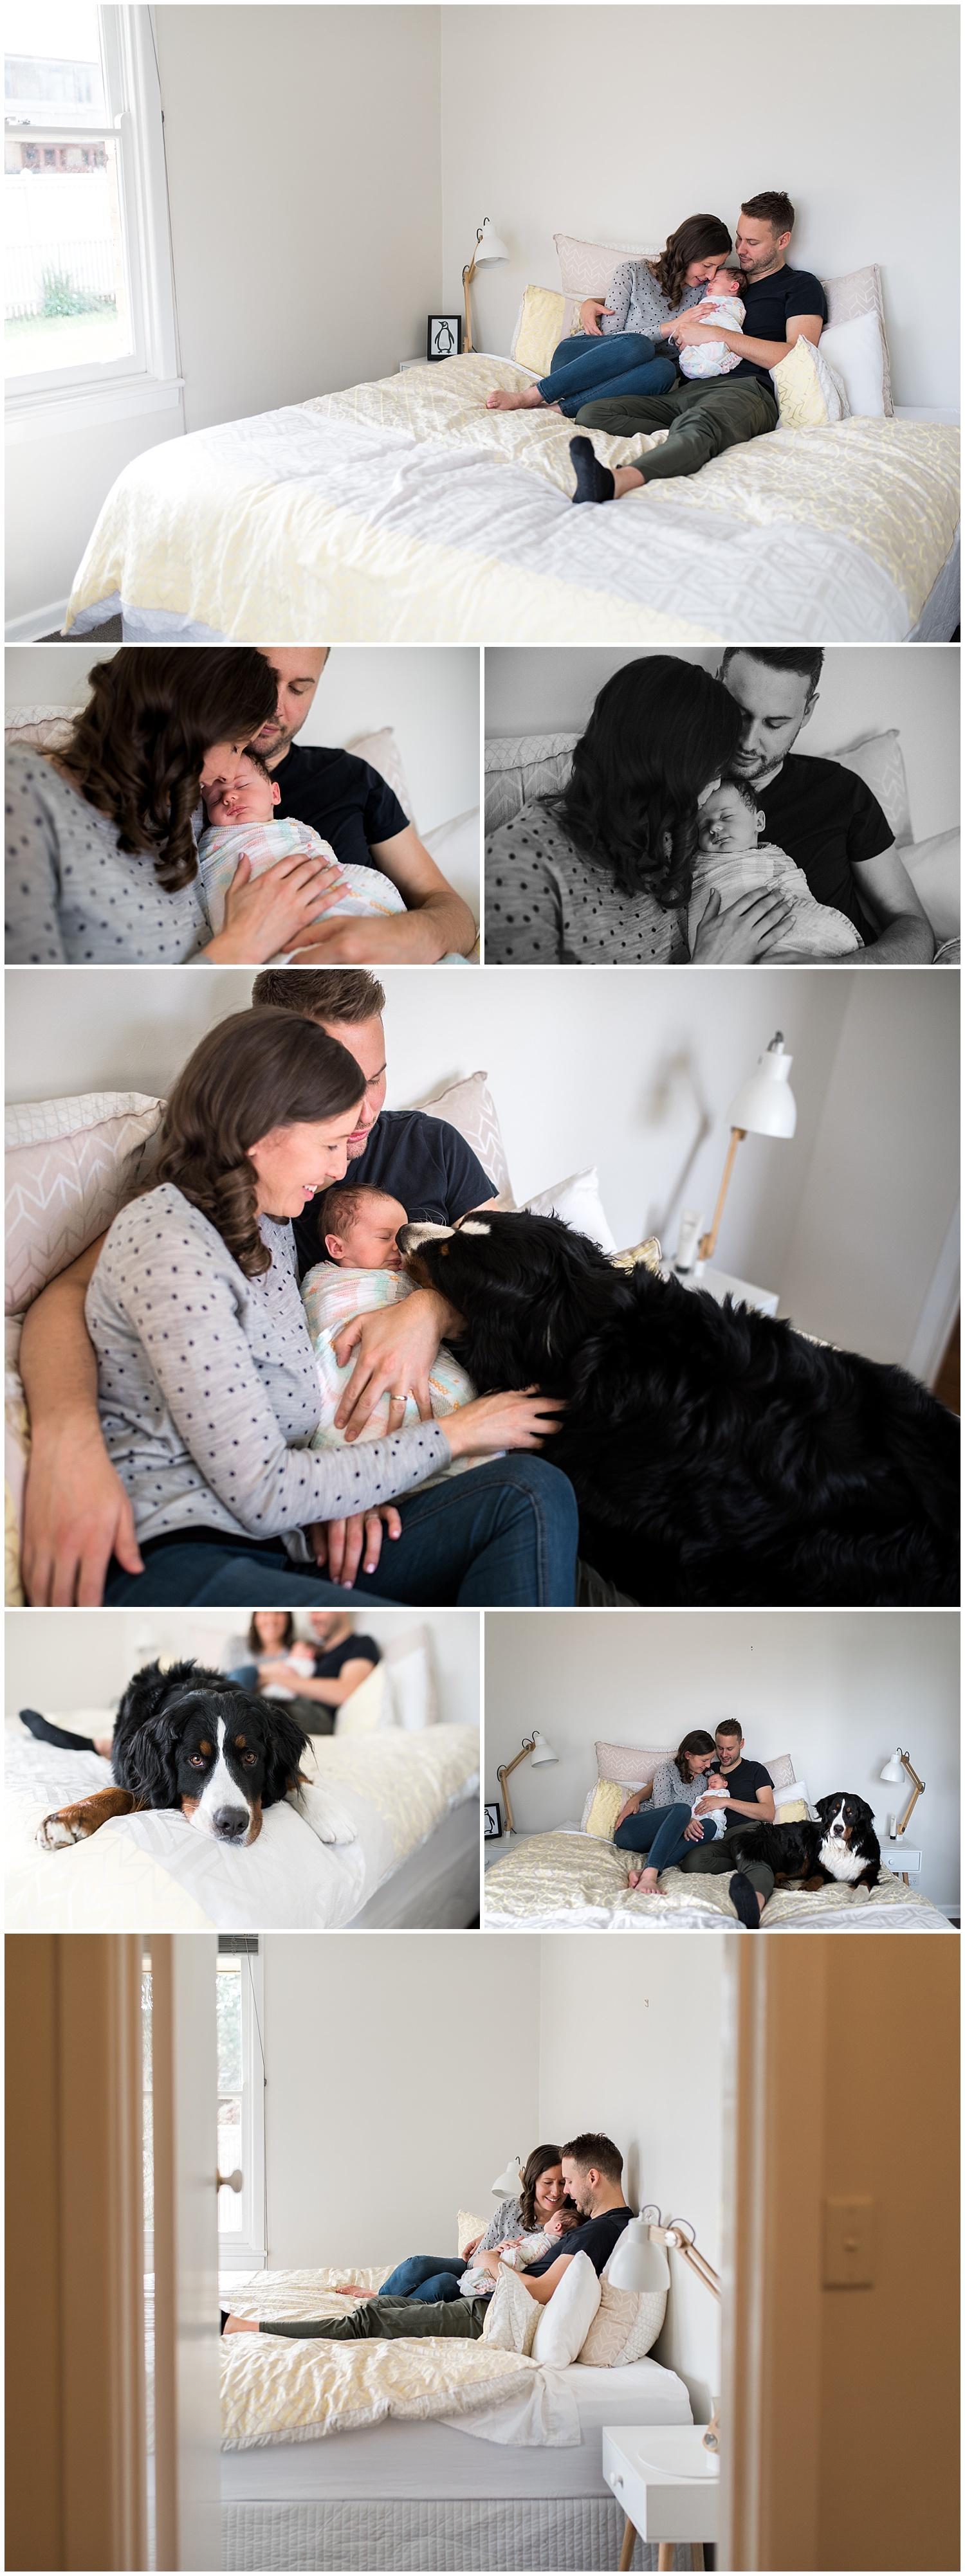 camberwell newborn photographer